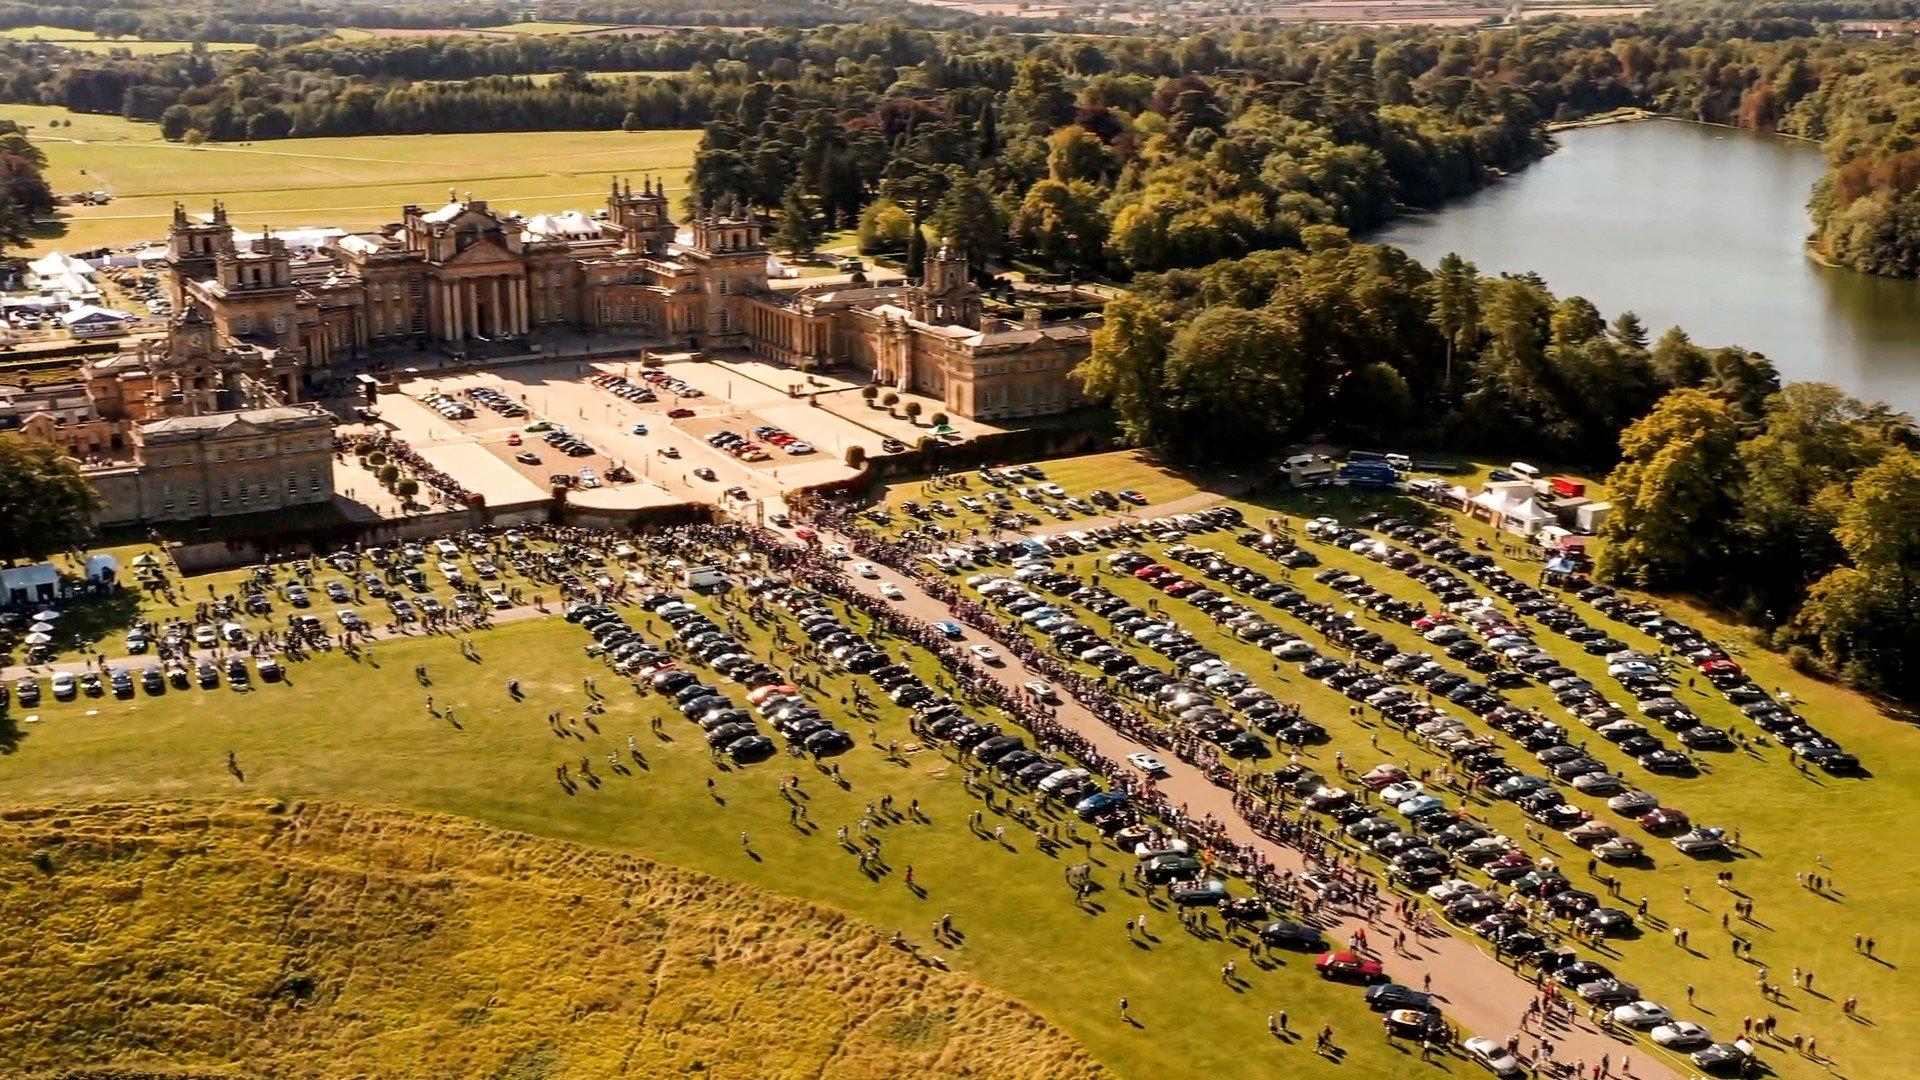 Hơn 1 nghìn chiếc Bentley từ cổ đến hiện đại tụ họp